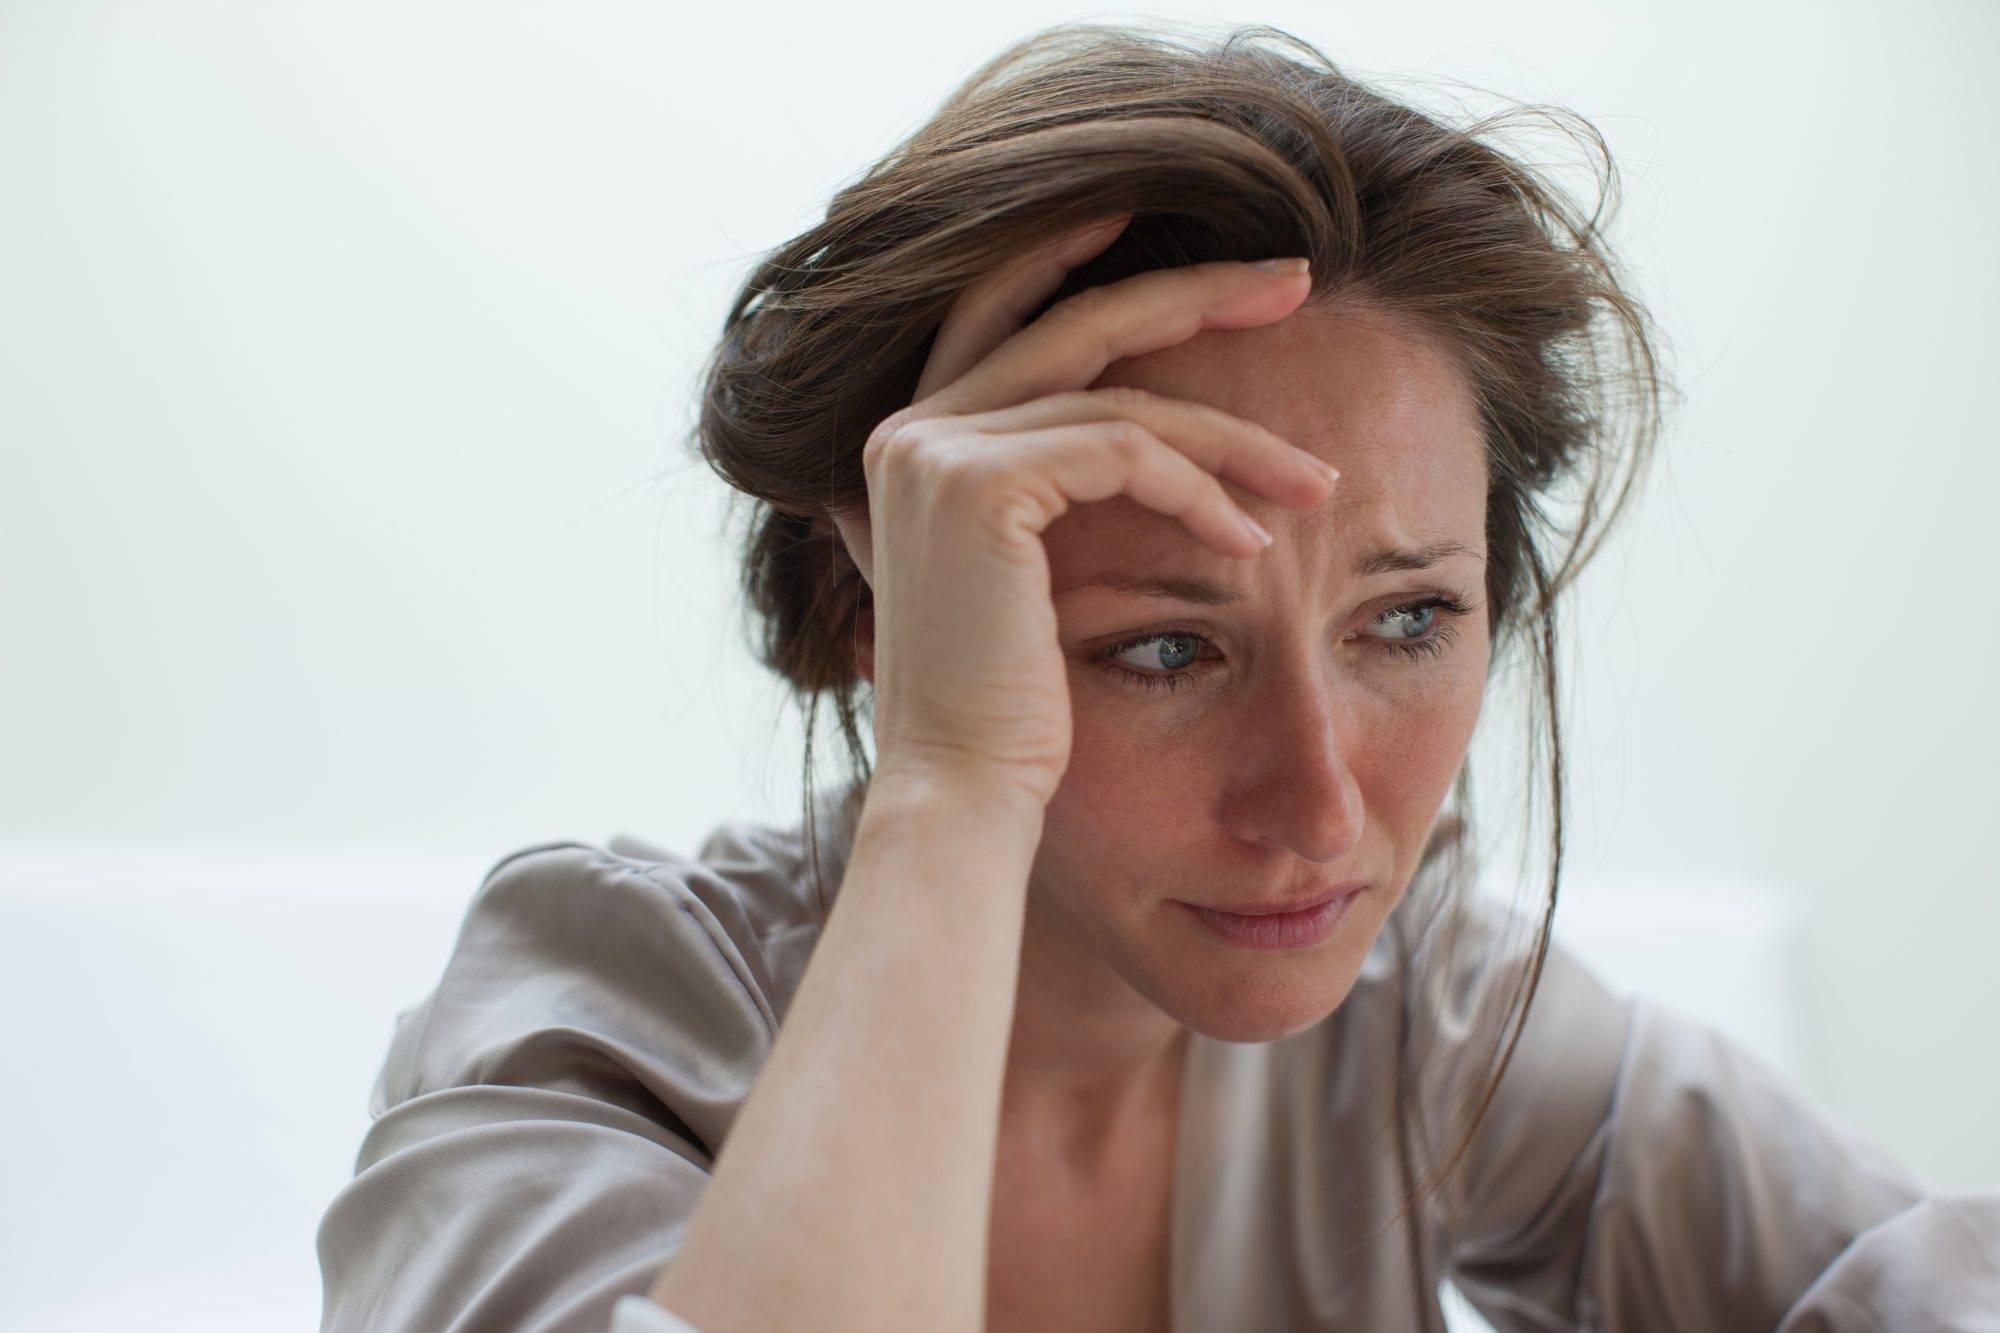 Канцерофобия: как избавиться от страха перед раком?